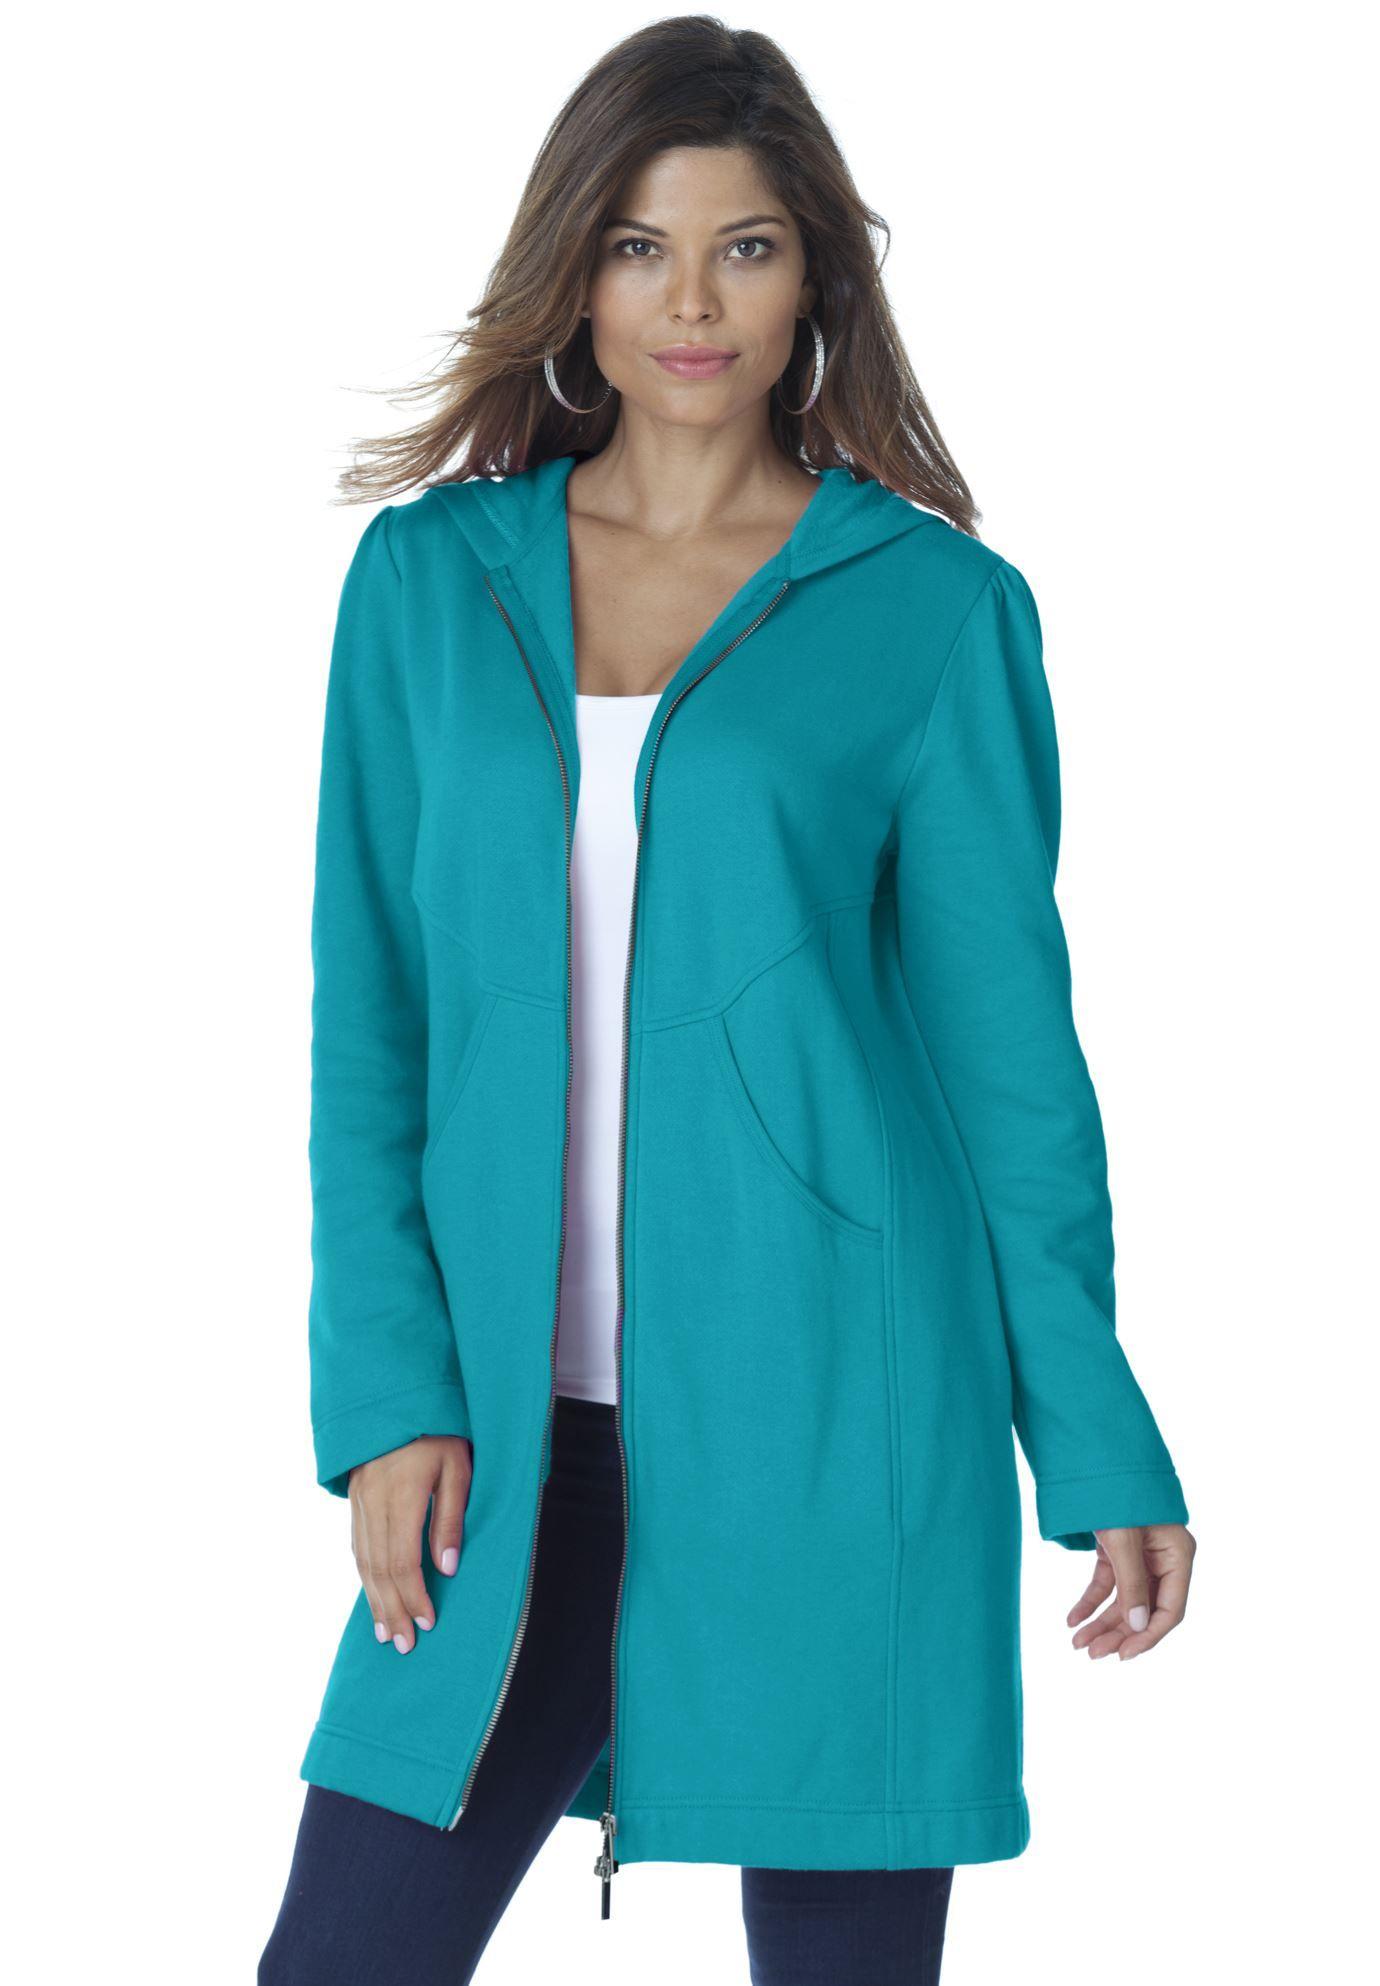 a3cb7f61b Fleece Jacket